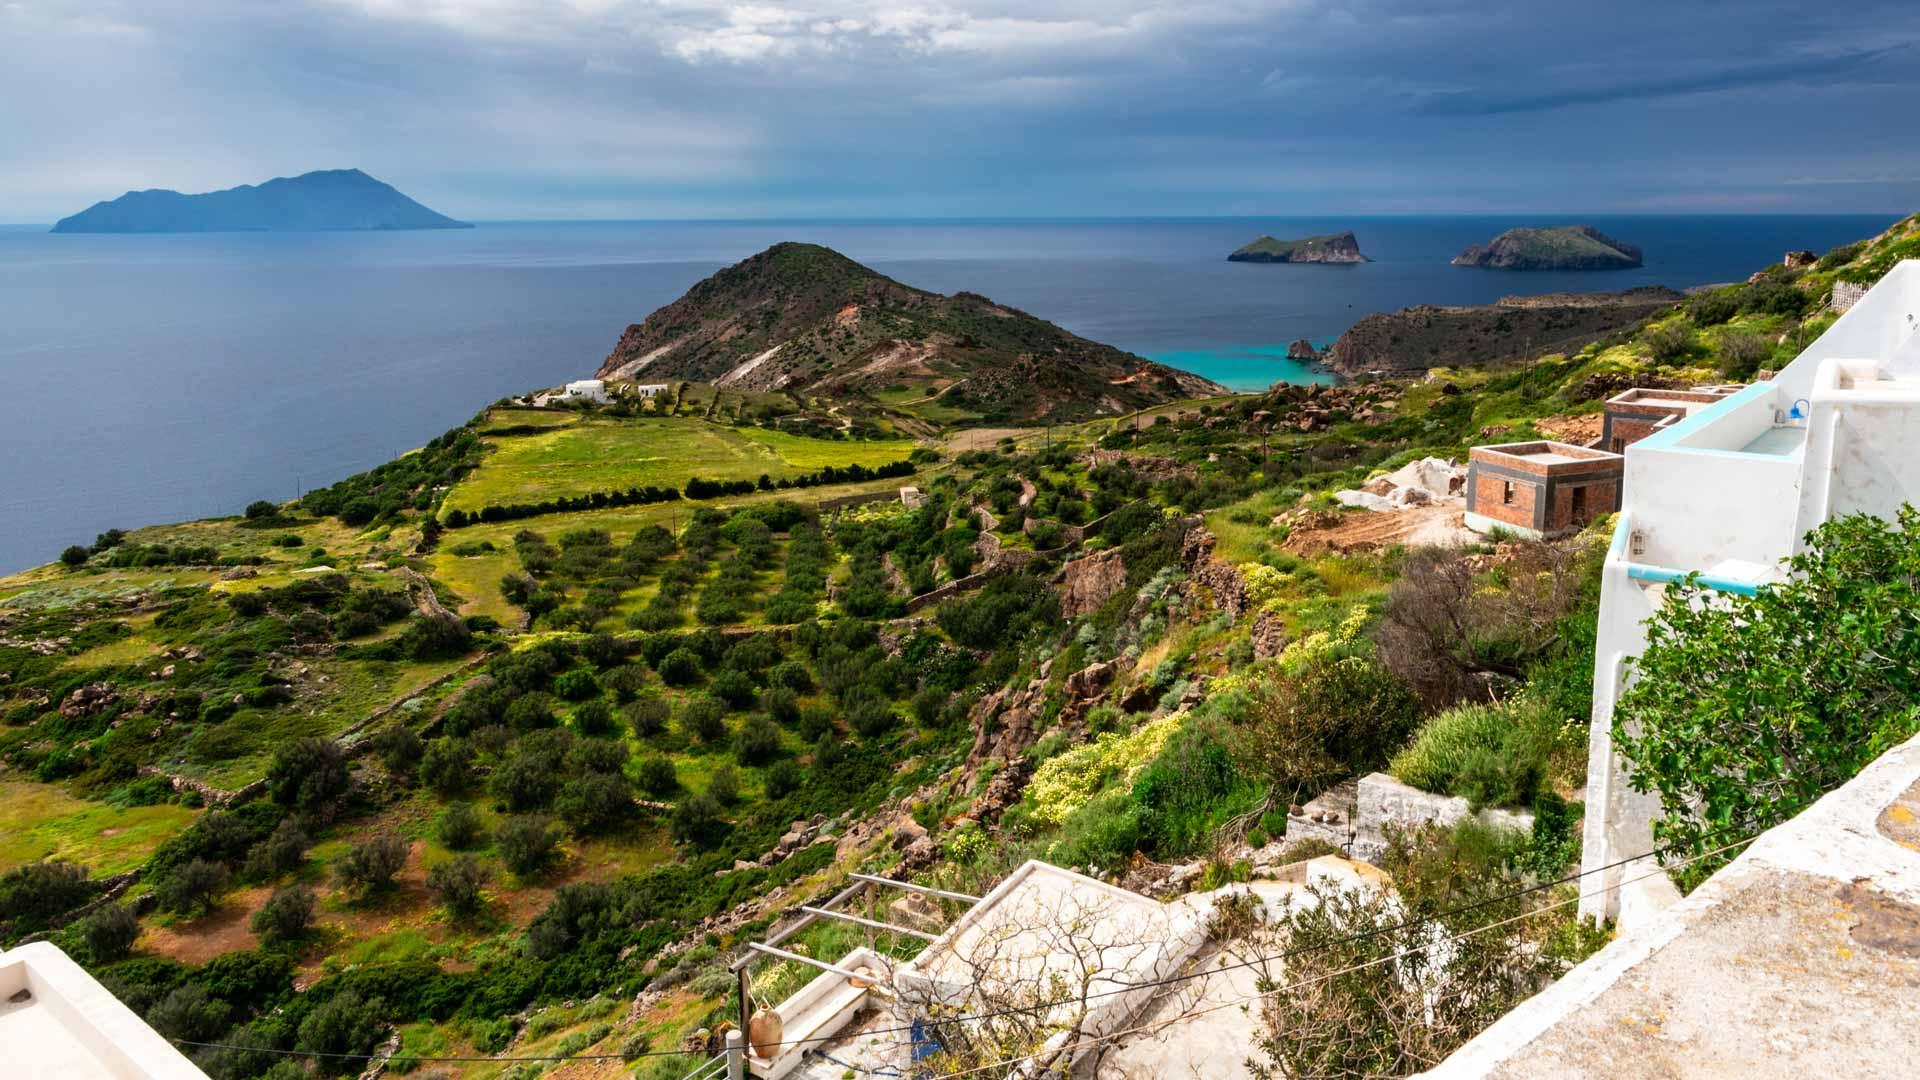 View from Plaka, Milos island, Cyclades, Greece